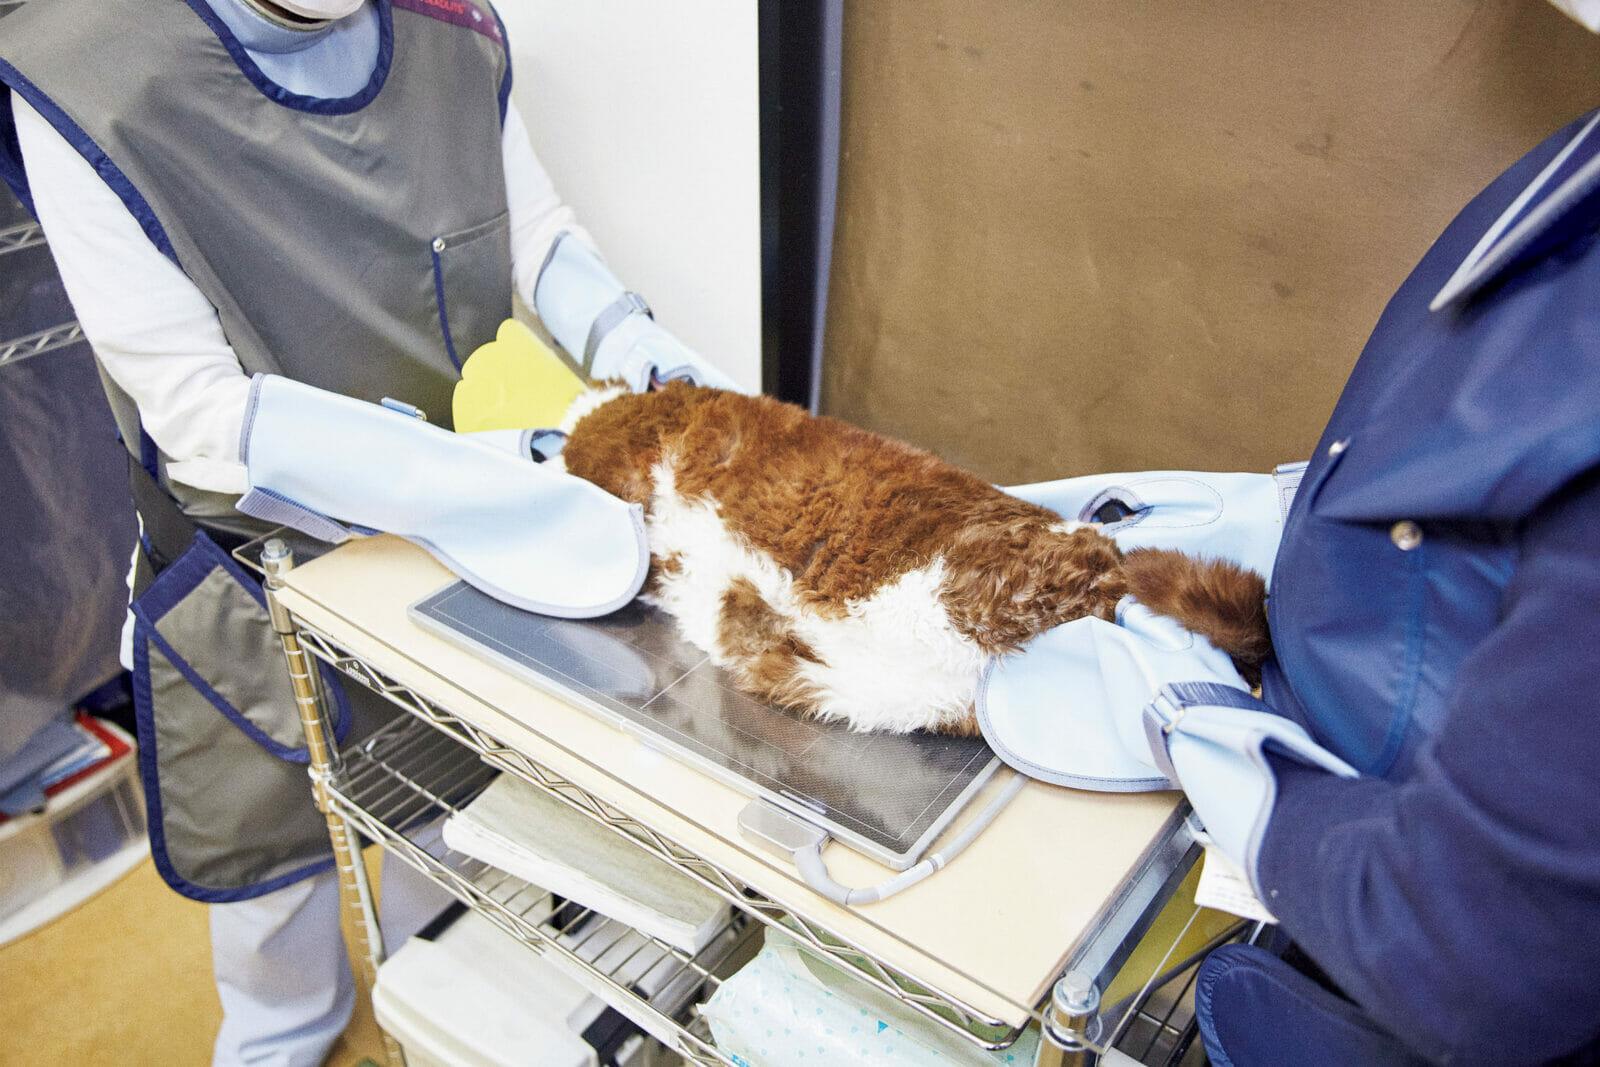 お腹側と体の横側を撮る胸やお腹などをレントゲン撮影。「肝臓の形、胃、腸、異常なし。膀胱、腎臓も問題なし。腰の骨、股関節も大丈夫。あえて言うなら内臓脂肪がちょっとついてるかな」と先生